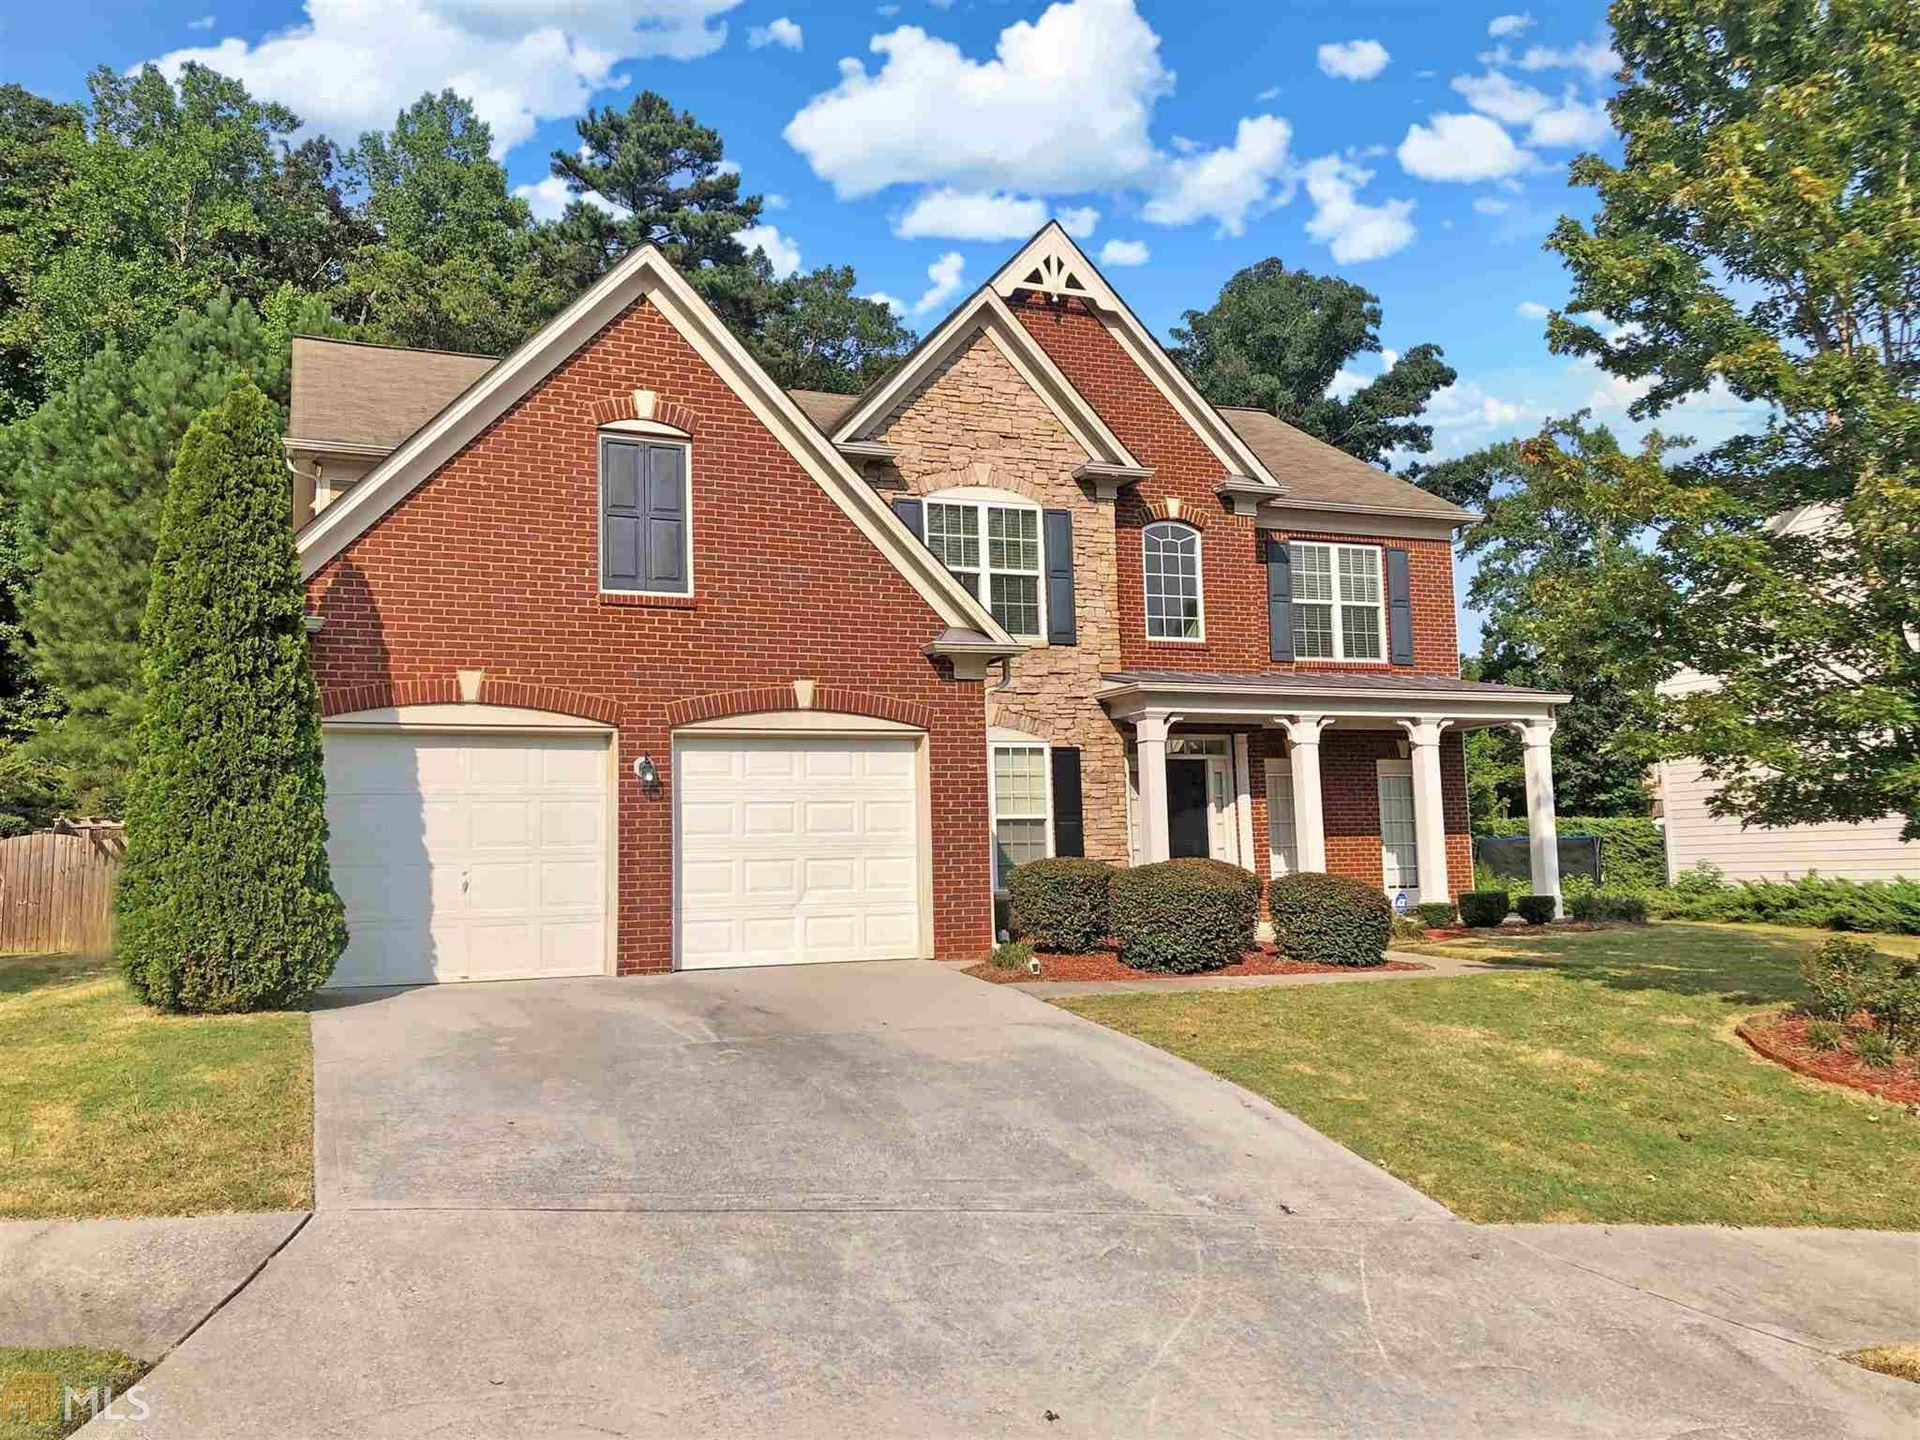 3082 Kensington Ct, Atlanta, GA 30331 - MLS#: 8858583